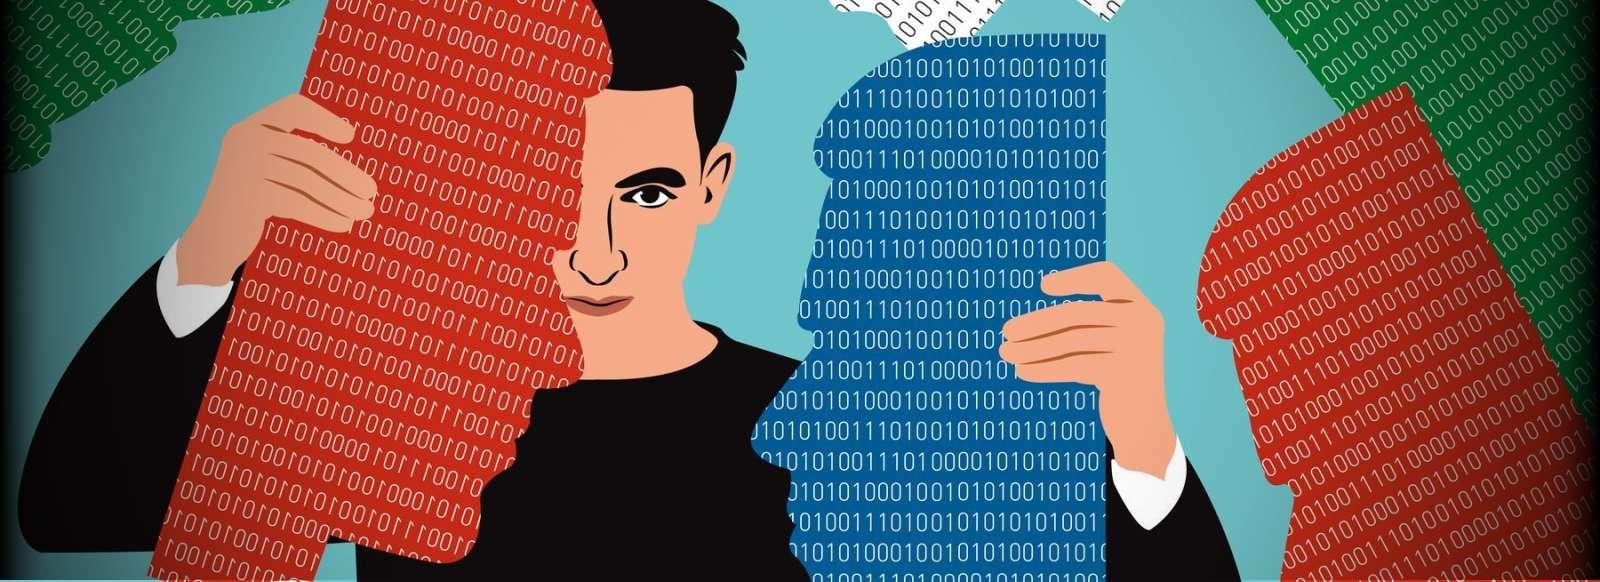 Ethique et intelligence artificielle : récit d'une prise de conscience mondiale